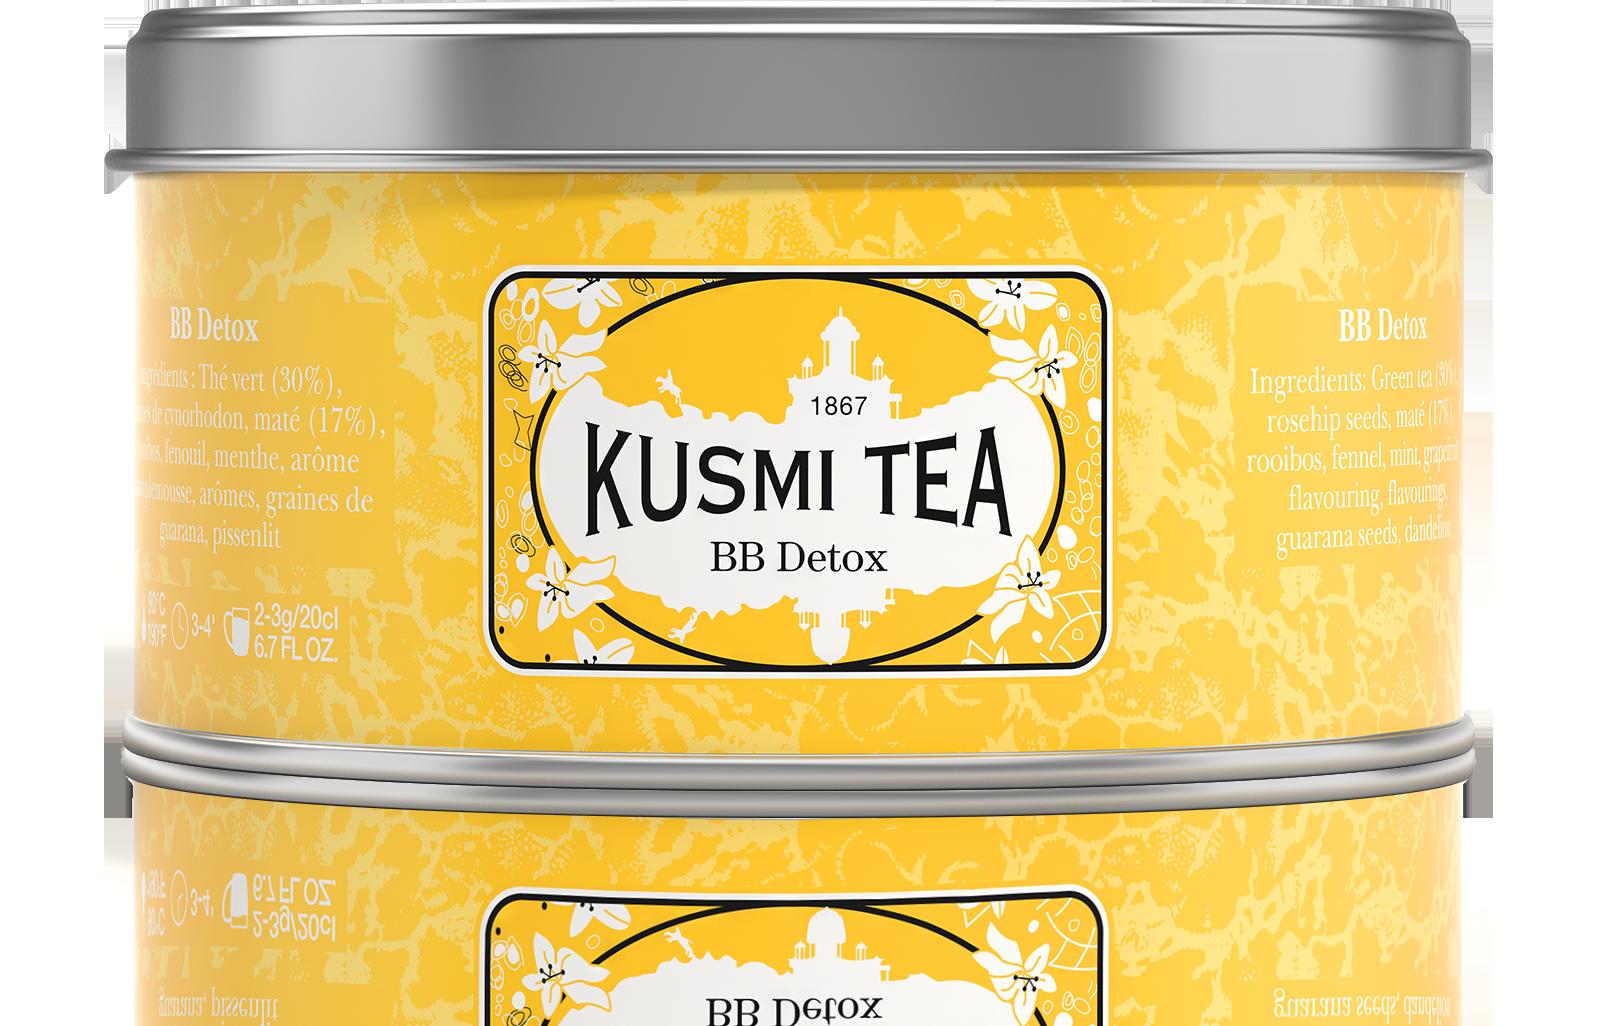 Thé vert - BB Detox - Kusmi Tea